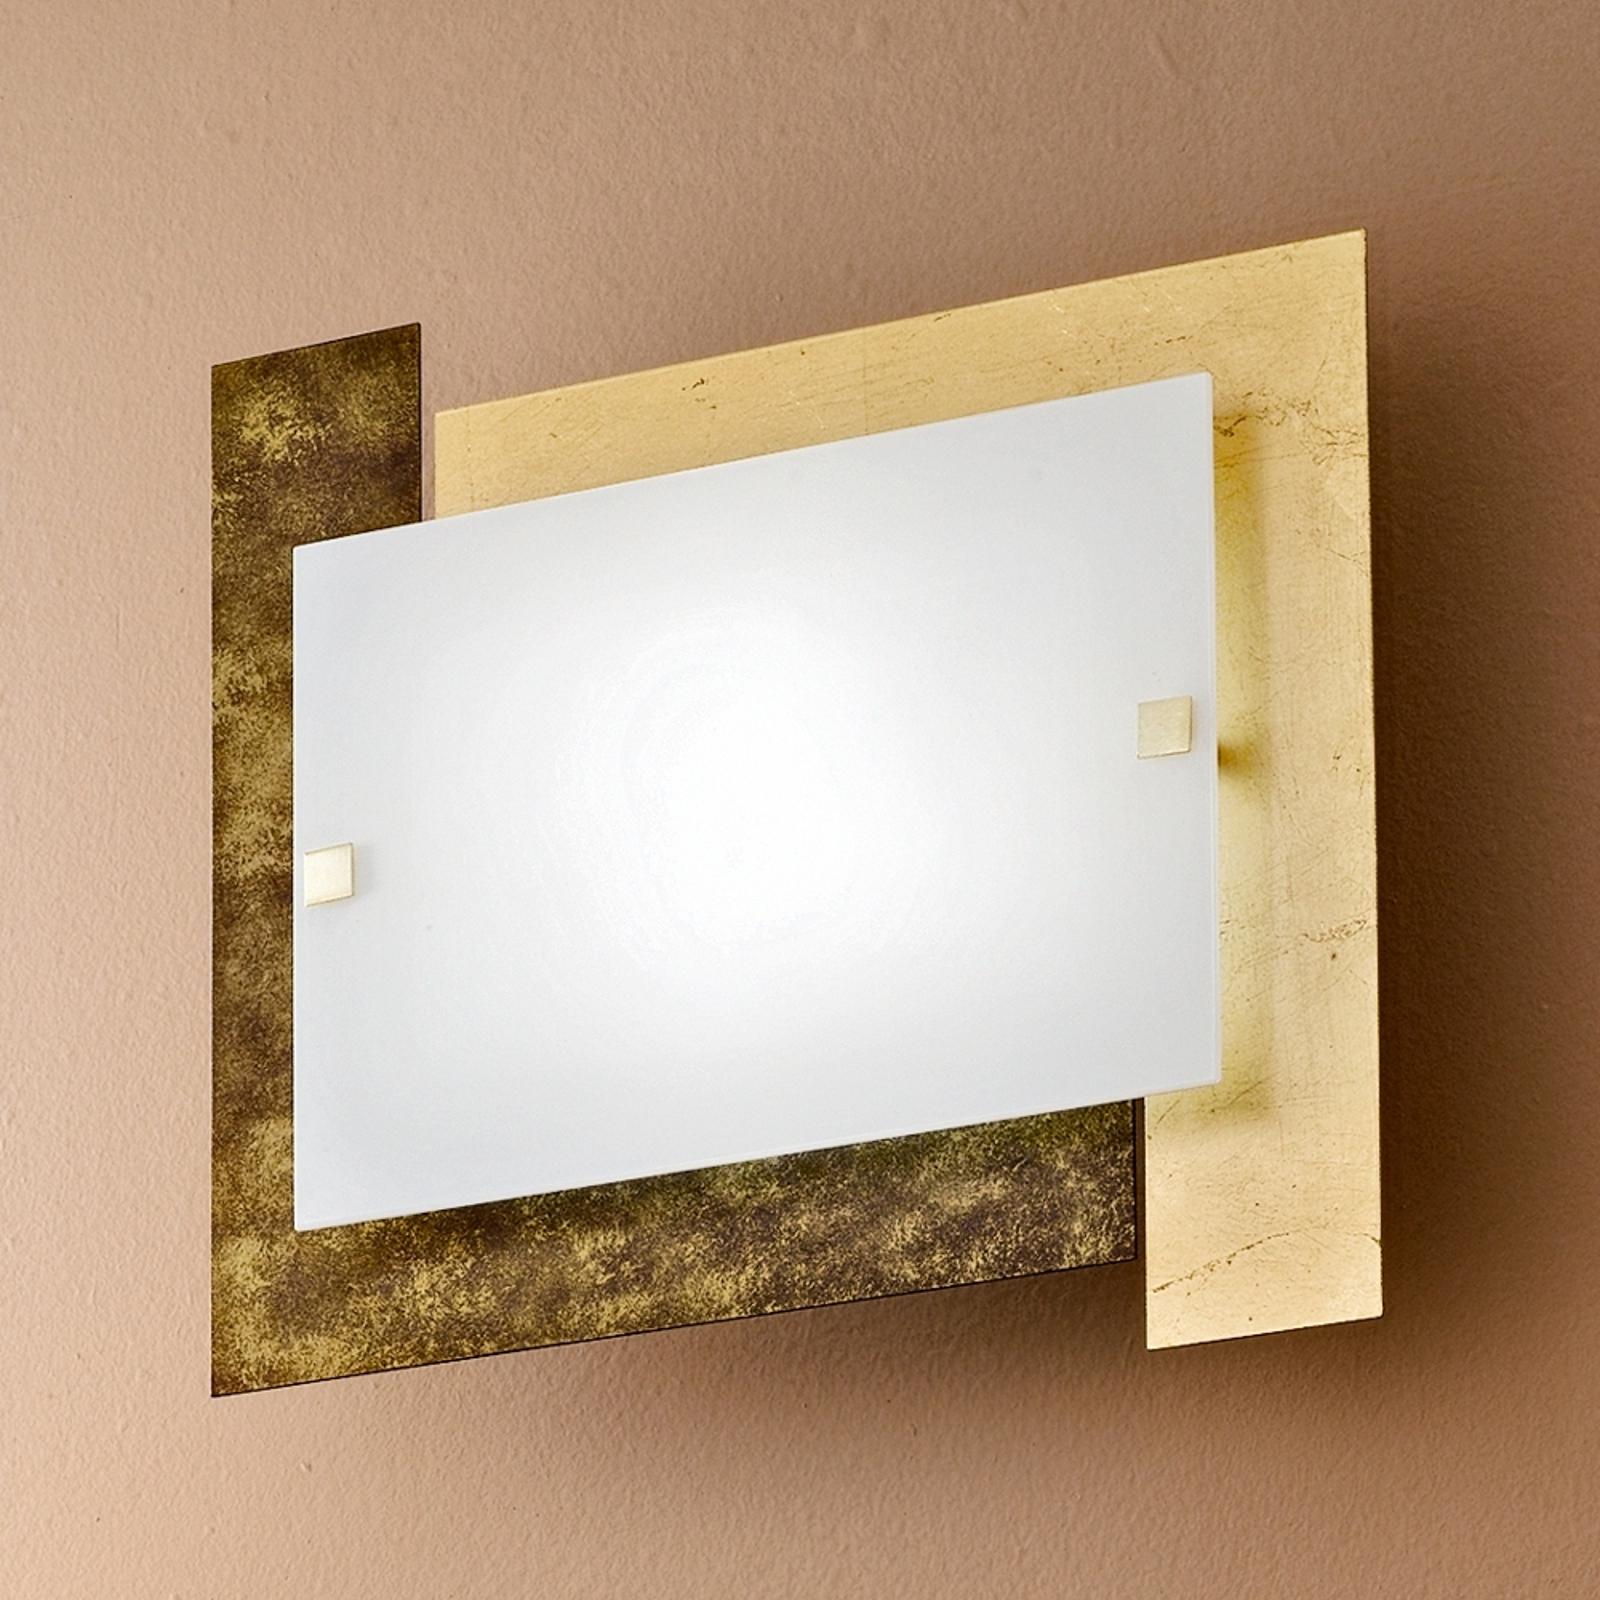 Erityinen kattovalaisin ARLESTRA - kulta